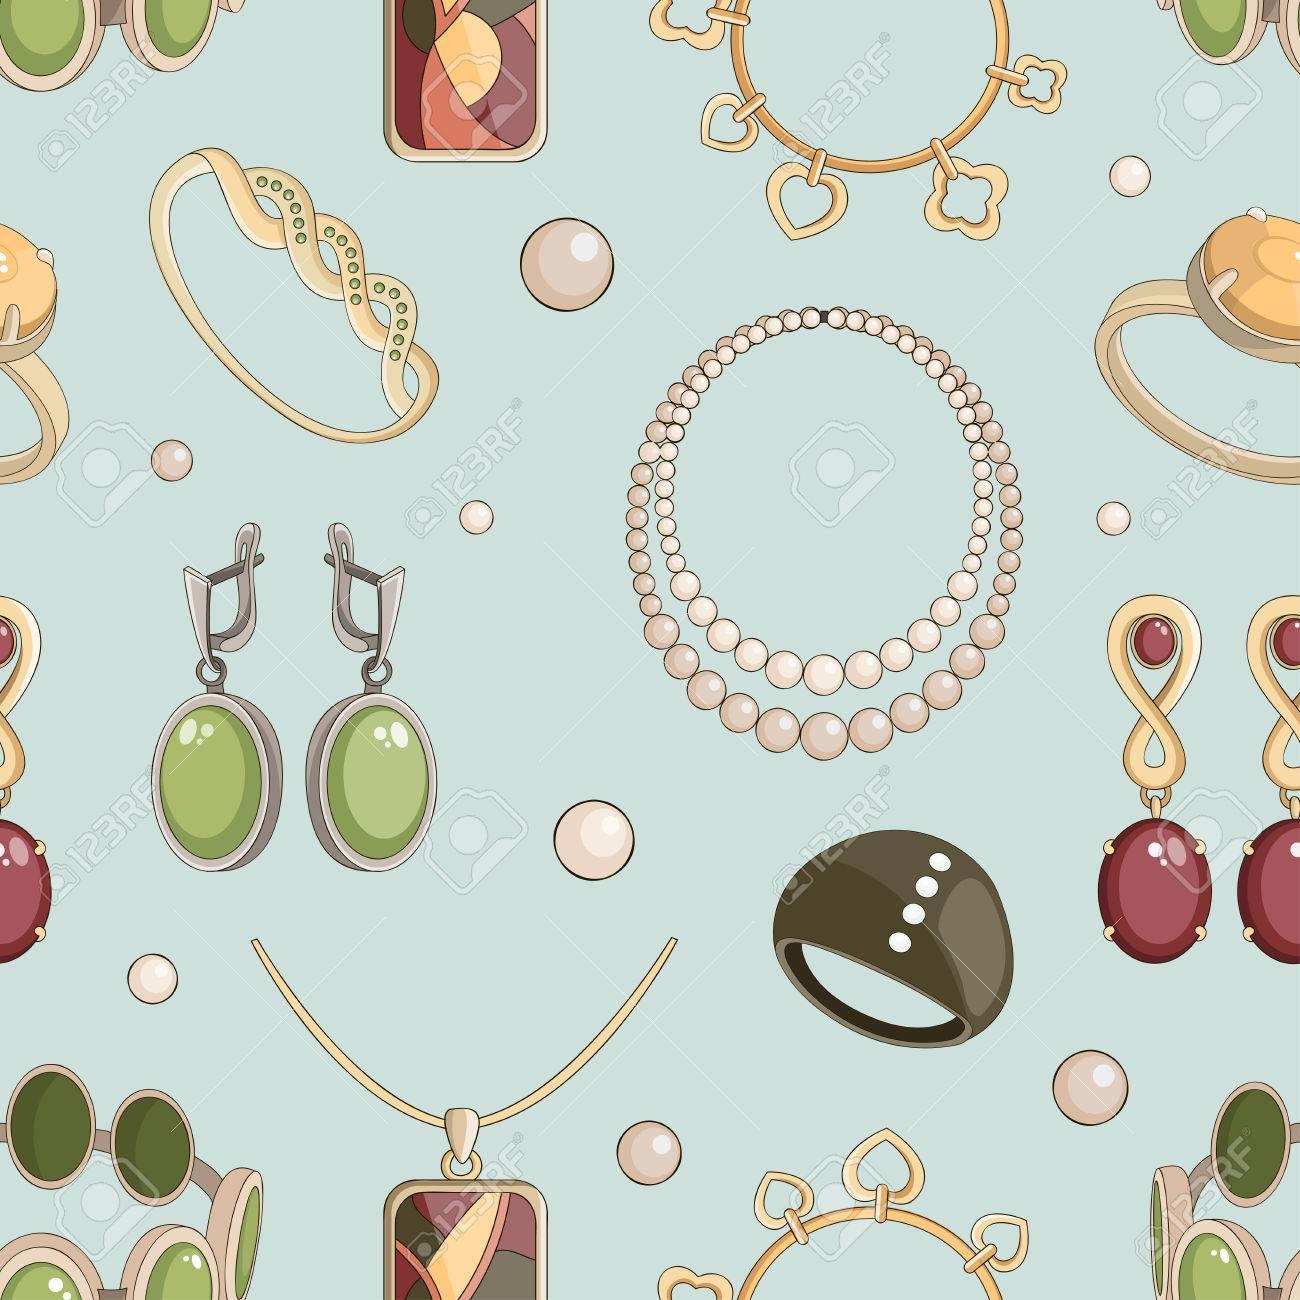 9b638cc7adc6 Conjunto de joyas realista conjunto con pendientes pulsera y anillos  aislados ilustración vectorial Foto de archivo